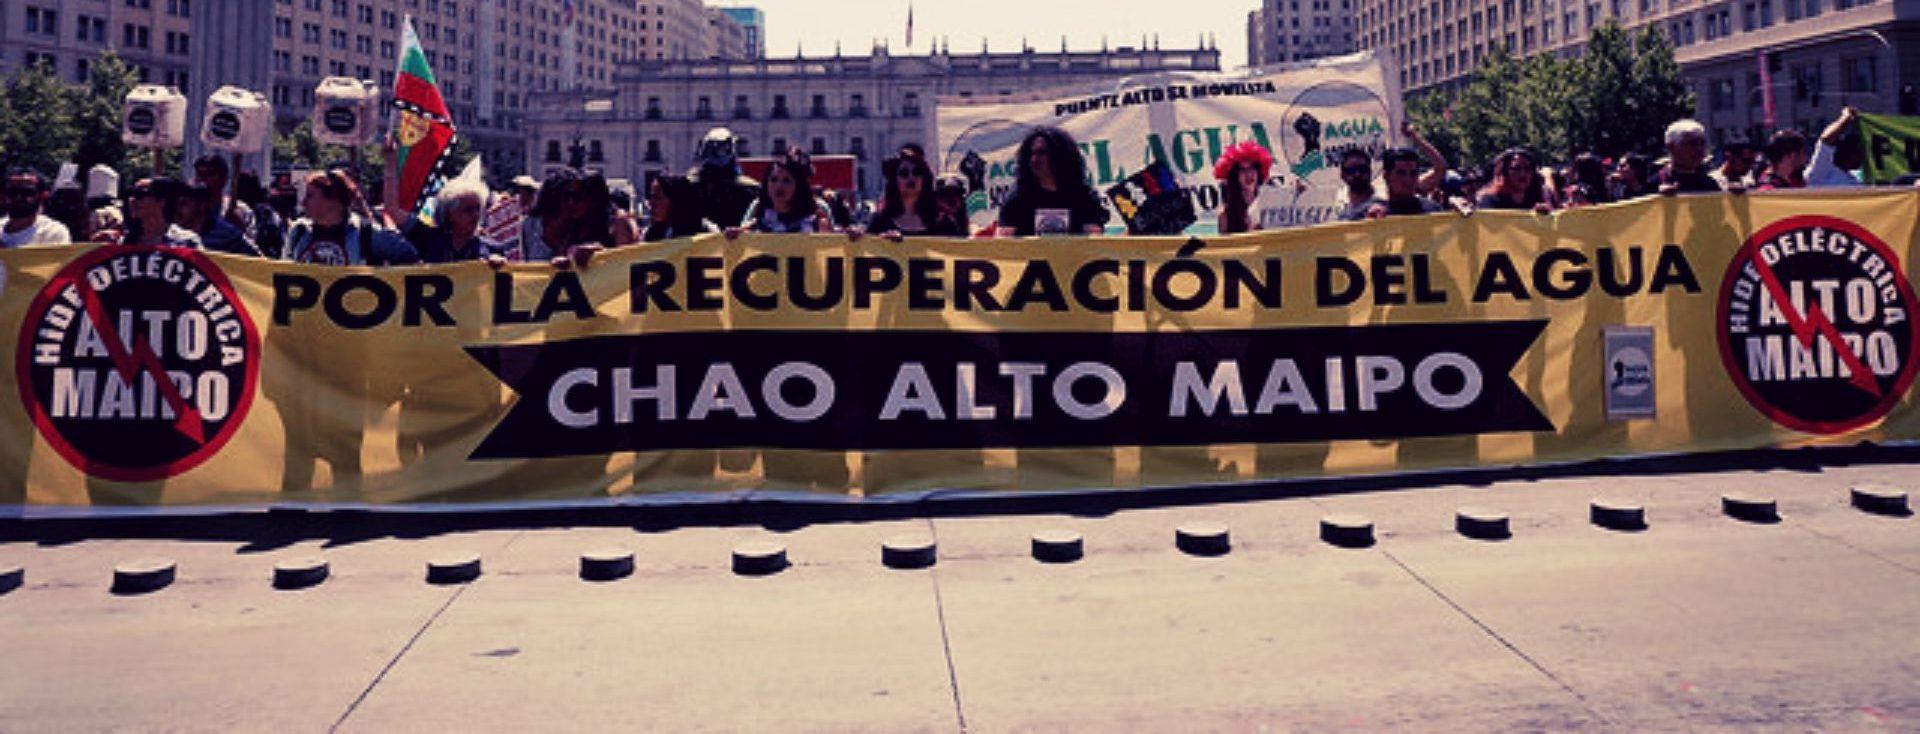 Photo of Piden detener obras de Alto Maipo hasta tener resultados sobre daño al río